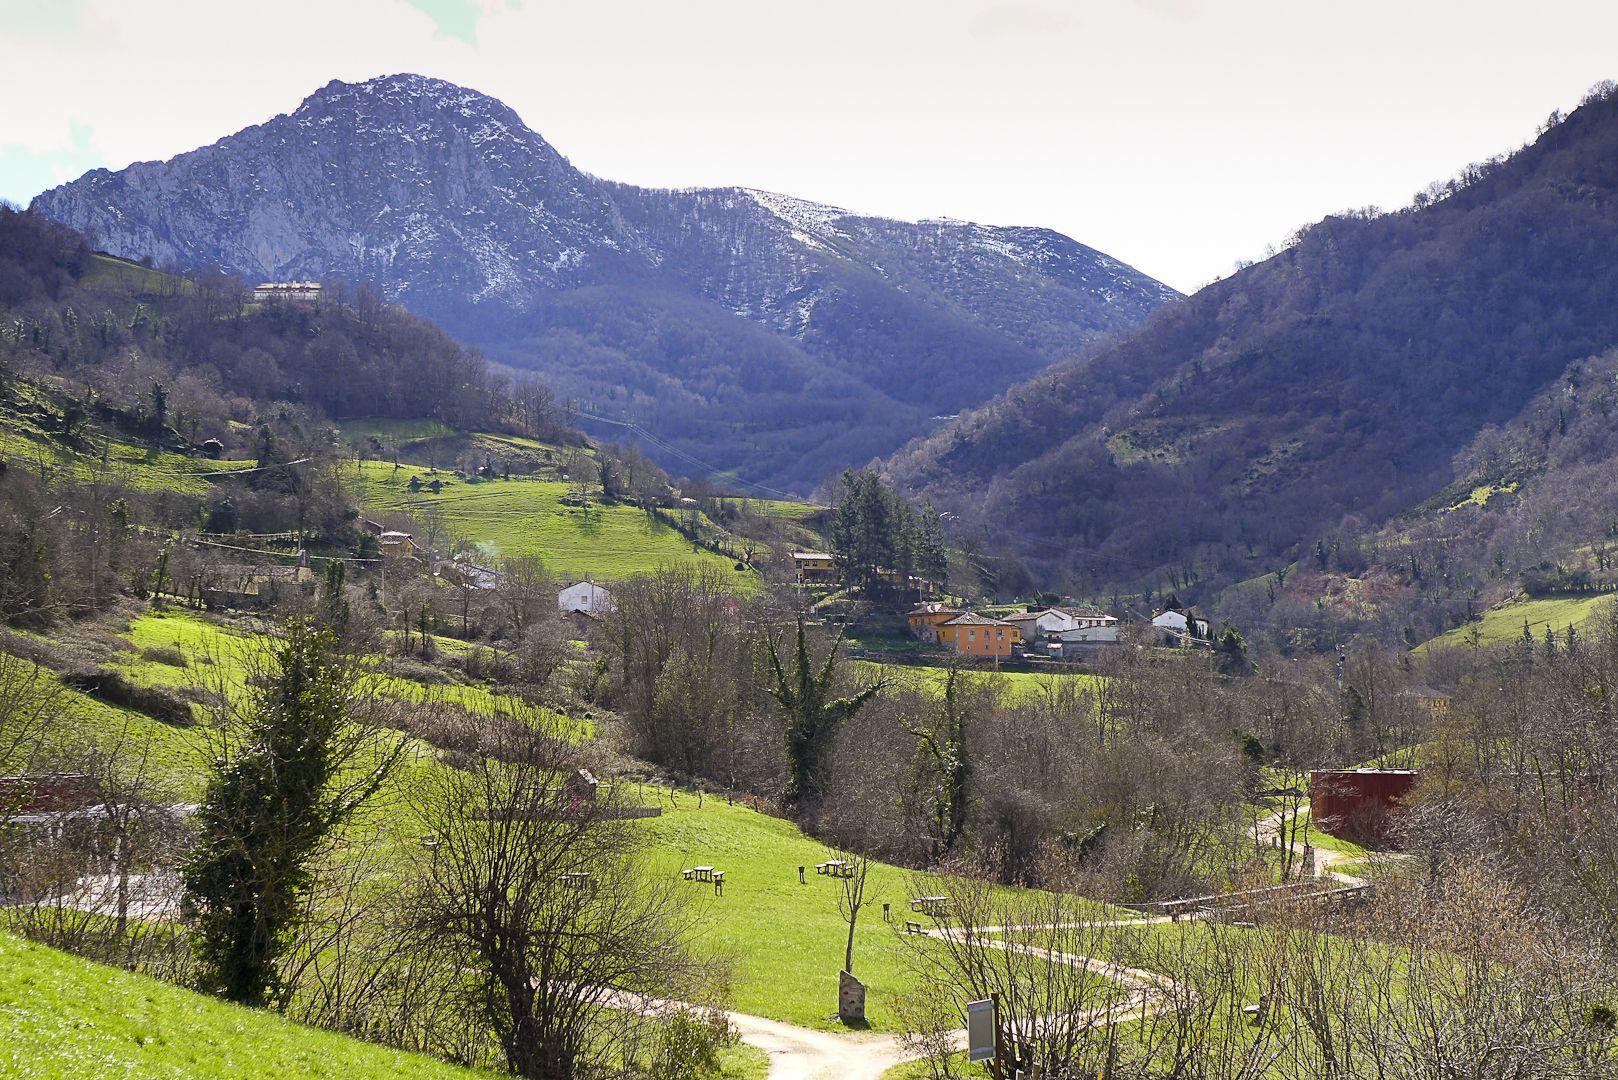 Asturias - Escapada rural en Semana Santa - viajar en furgoneta por el norte de España